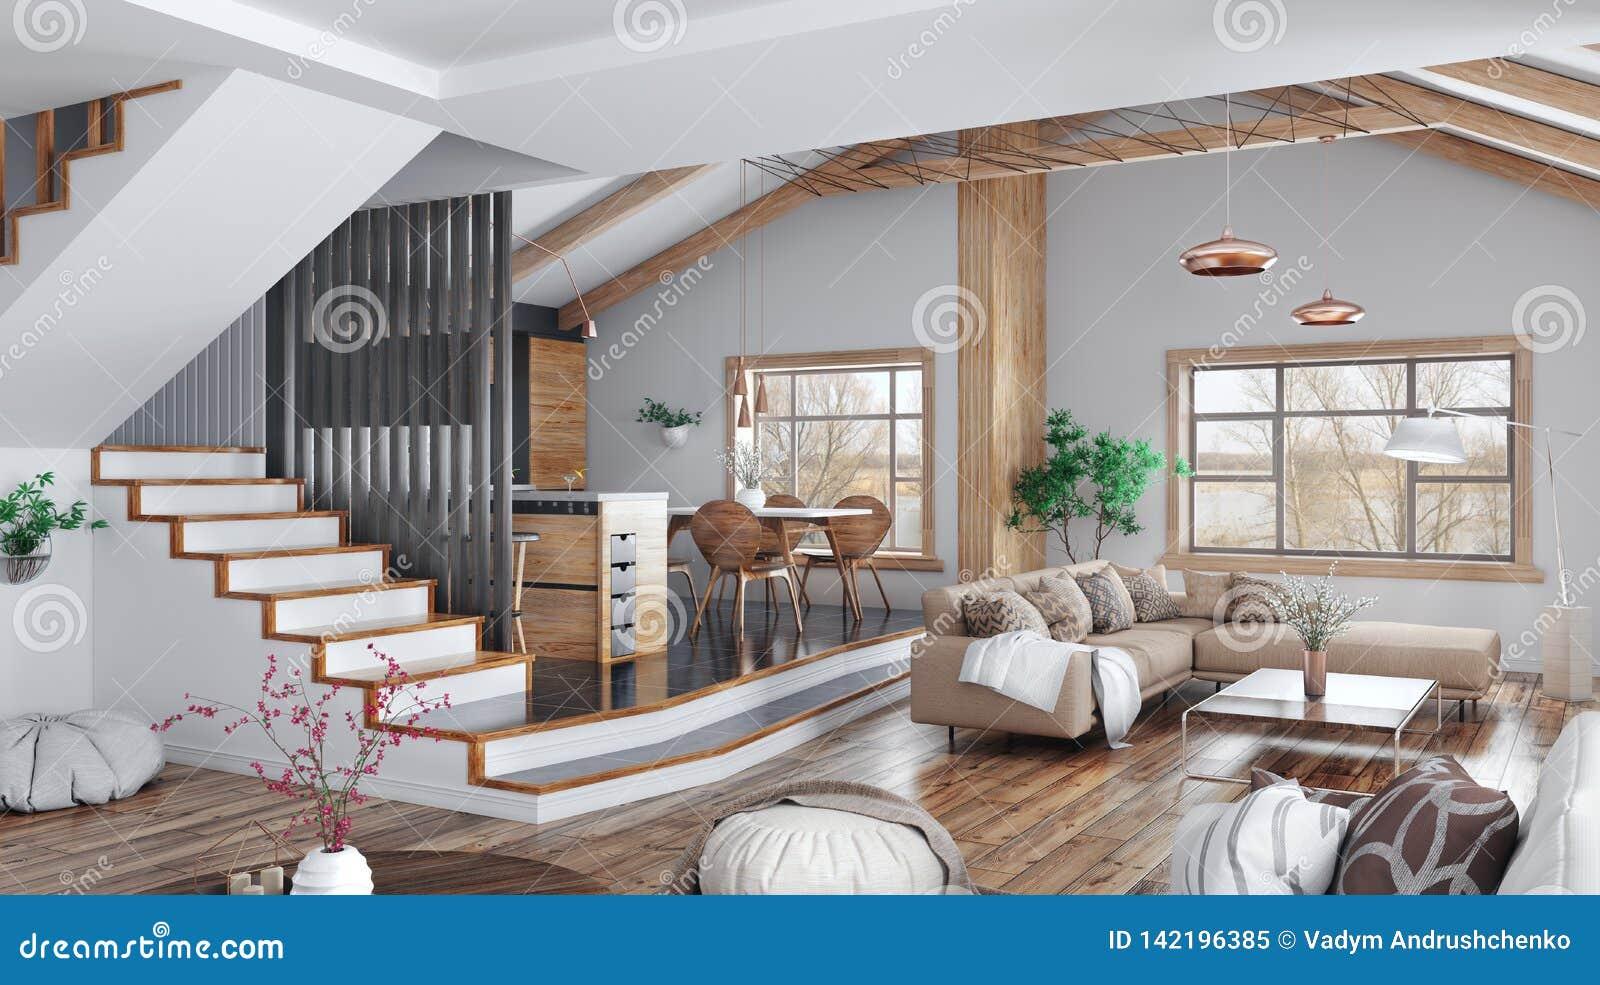 Diseño interior moderno de casa, cocina, sala de estar con el sofá, representación de la escalera 3d